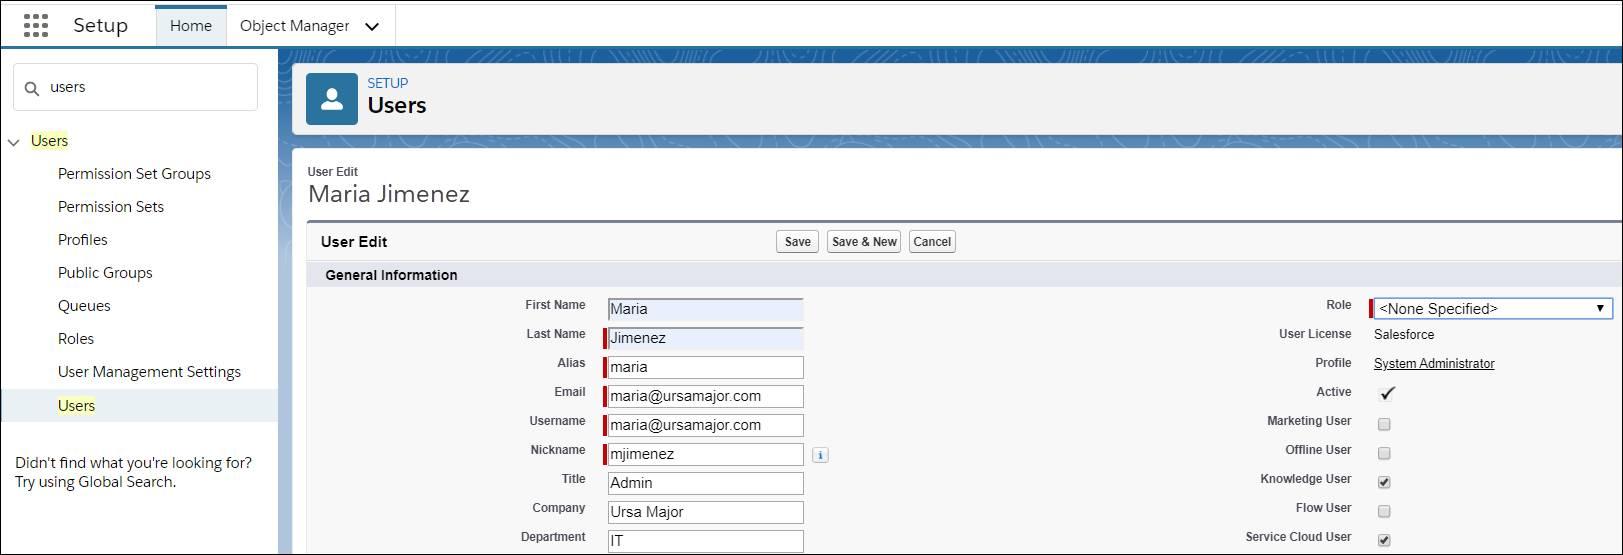 Maria が自分にナレッジユーザライセンスを割り当てるために実行したステップを表示する設定画面